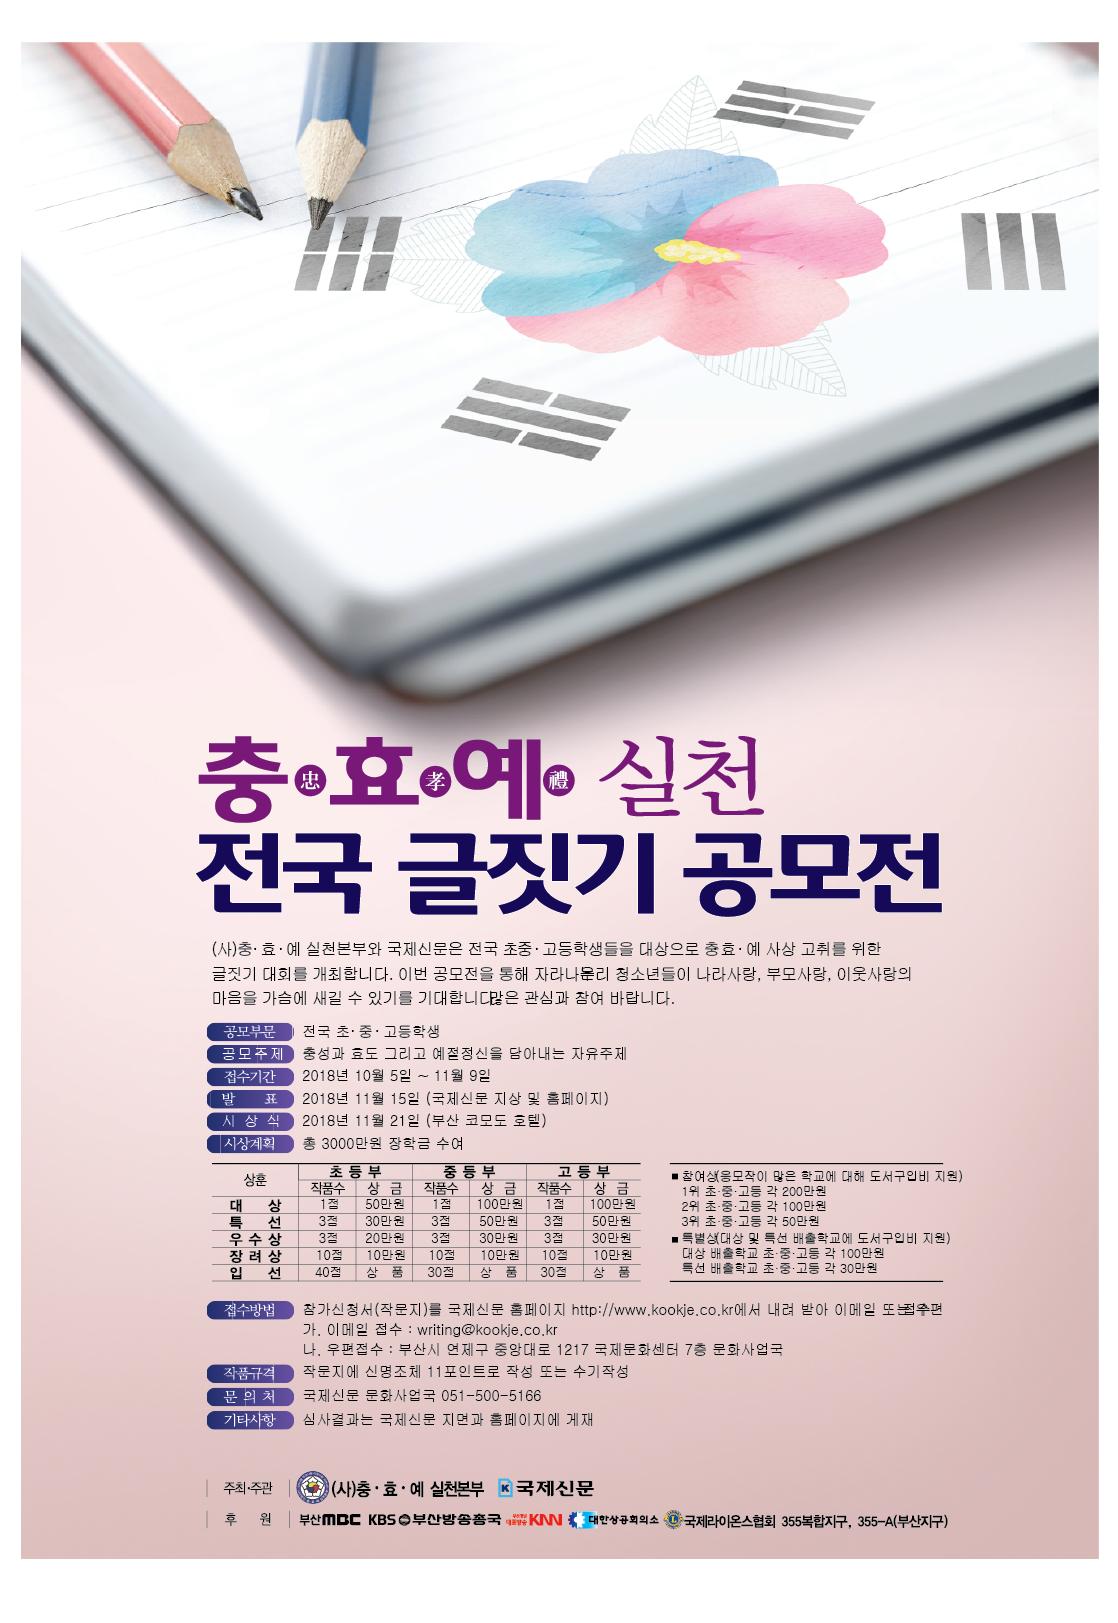 2018충효예글짓기포스터최종.png